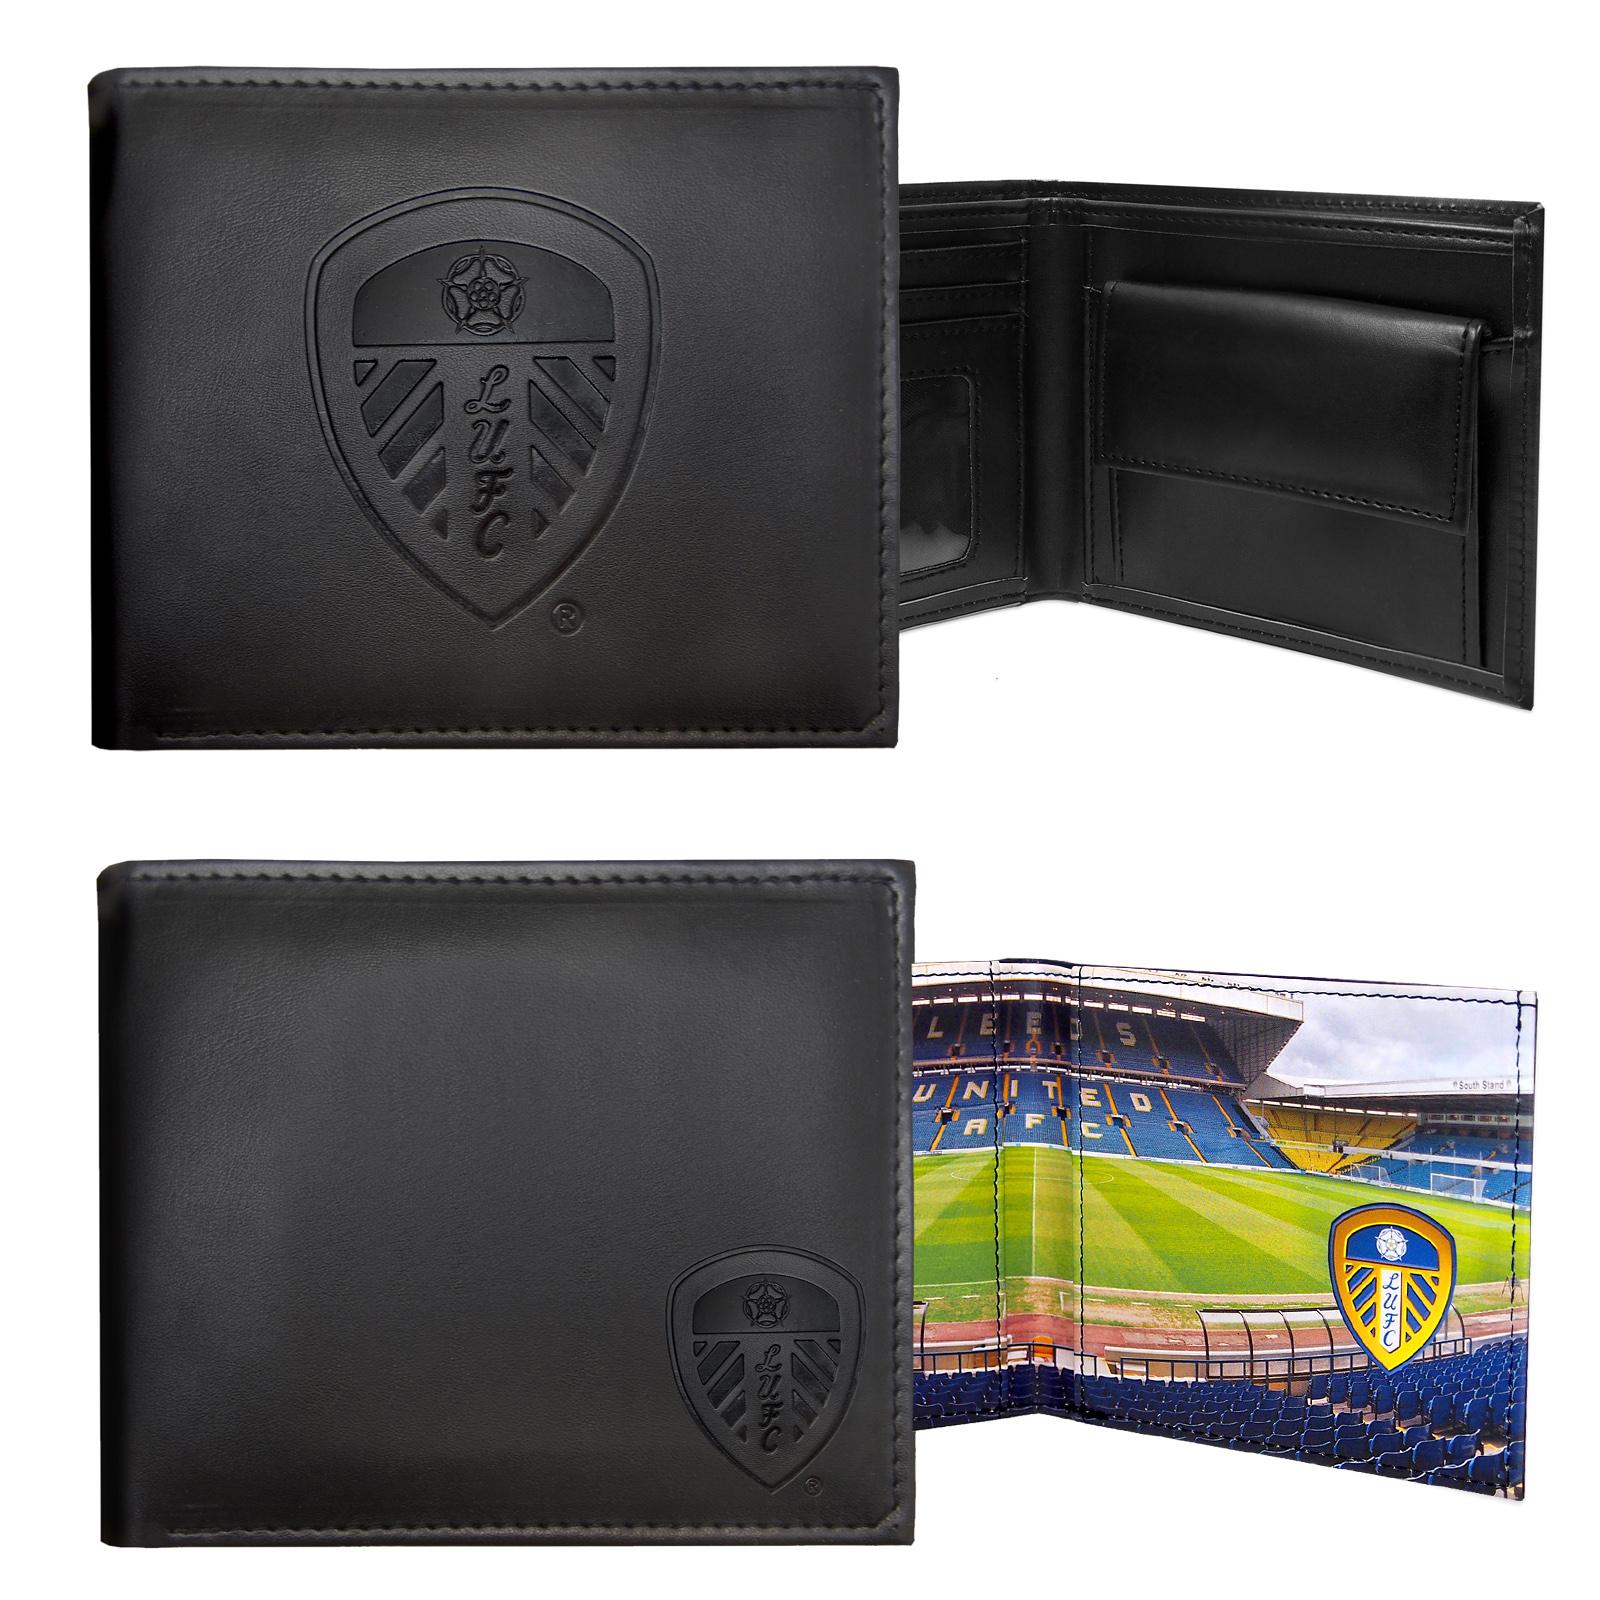 Chelsea FC officiel de football /Écusson Porte-monnaie Tottenham Hotspur F.C